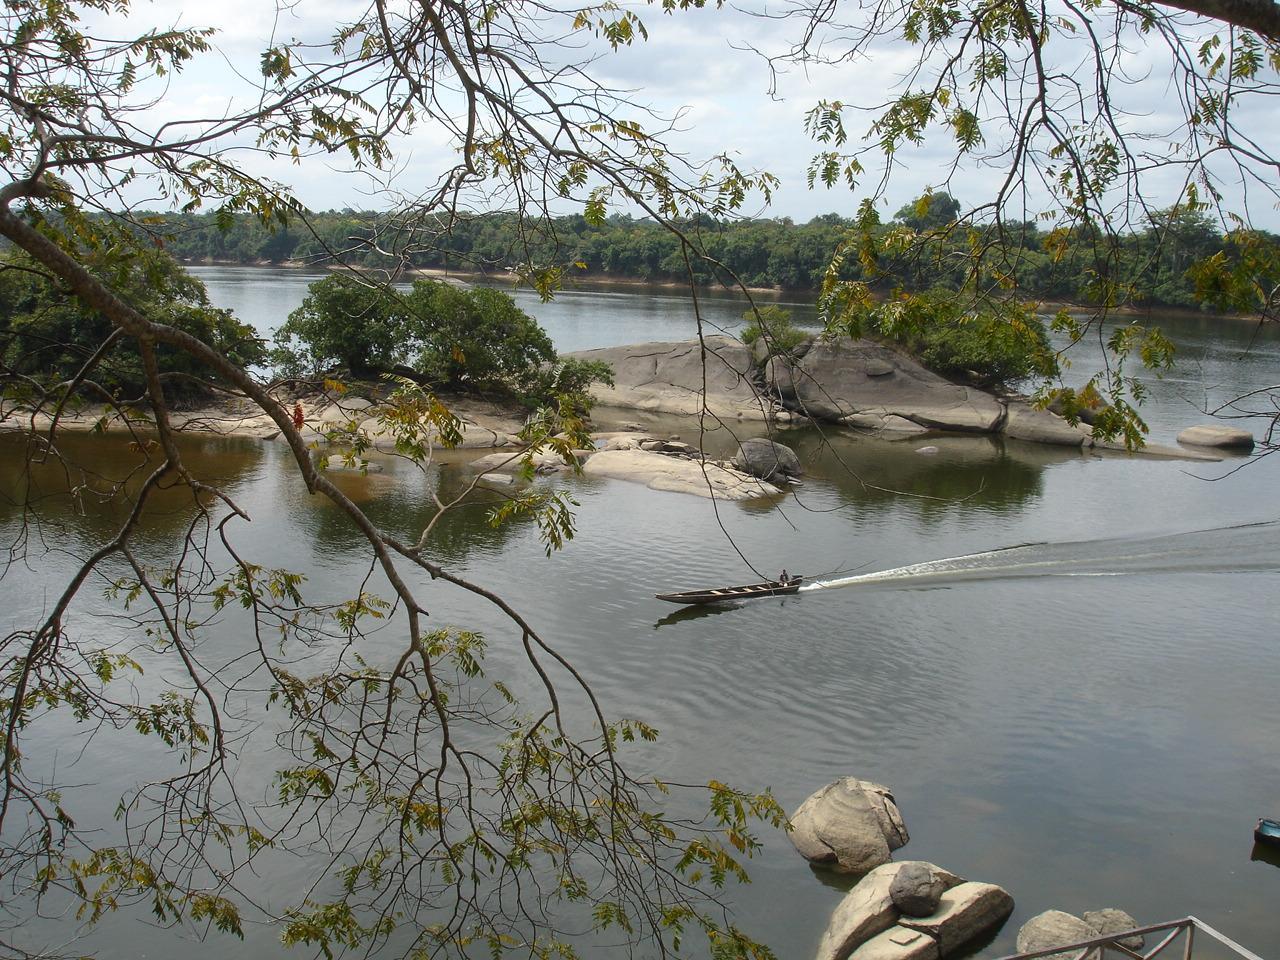 Einzigartige Naturschauspiele lassen sich bei einem Ausflug auf dem Fluss Caura erleben